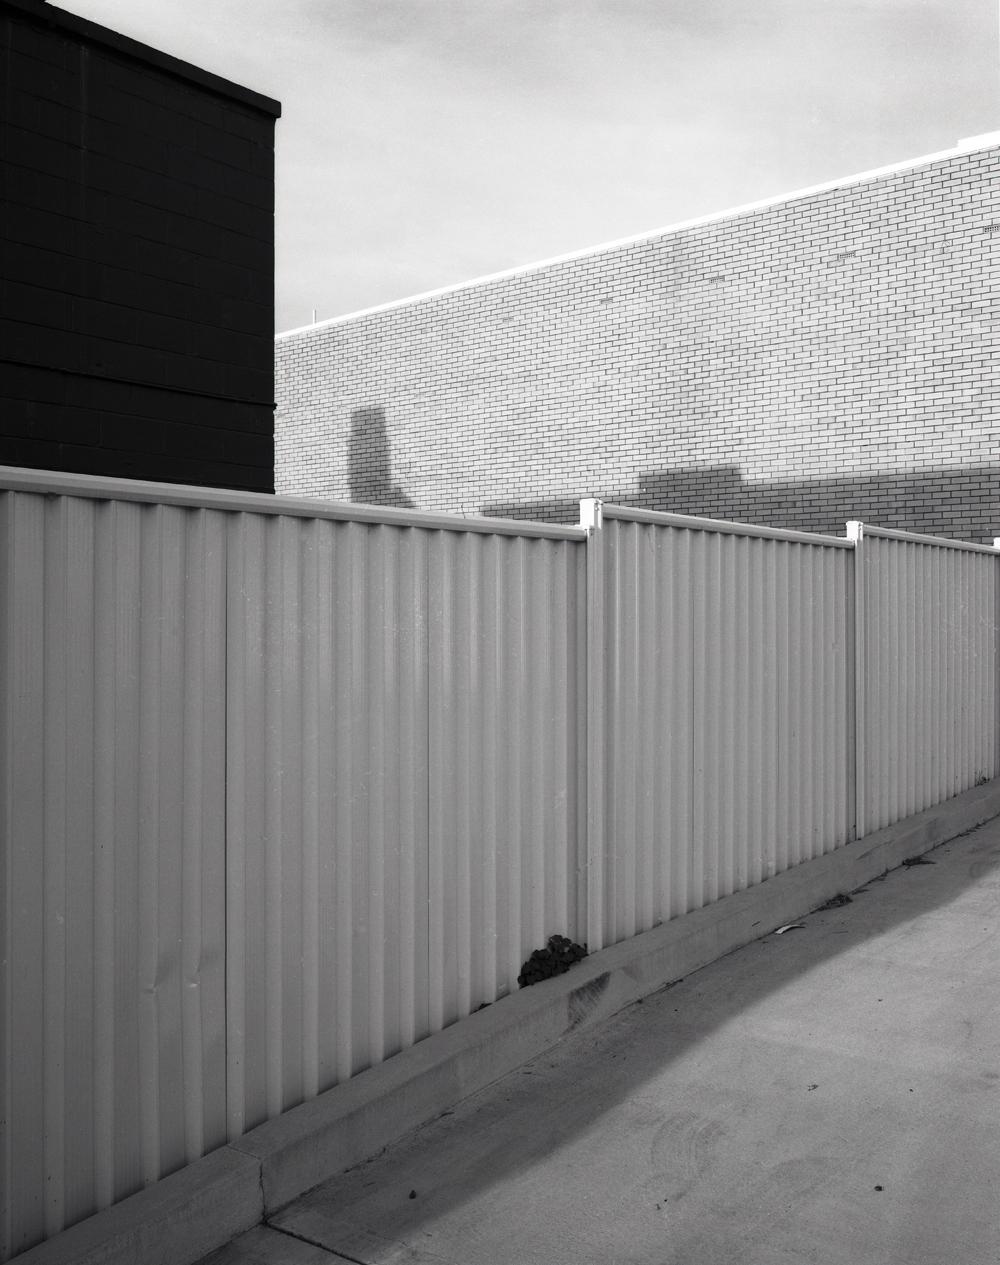 Geoffrey Roberts, Loading Dock, Armidale NSW, 2014